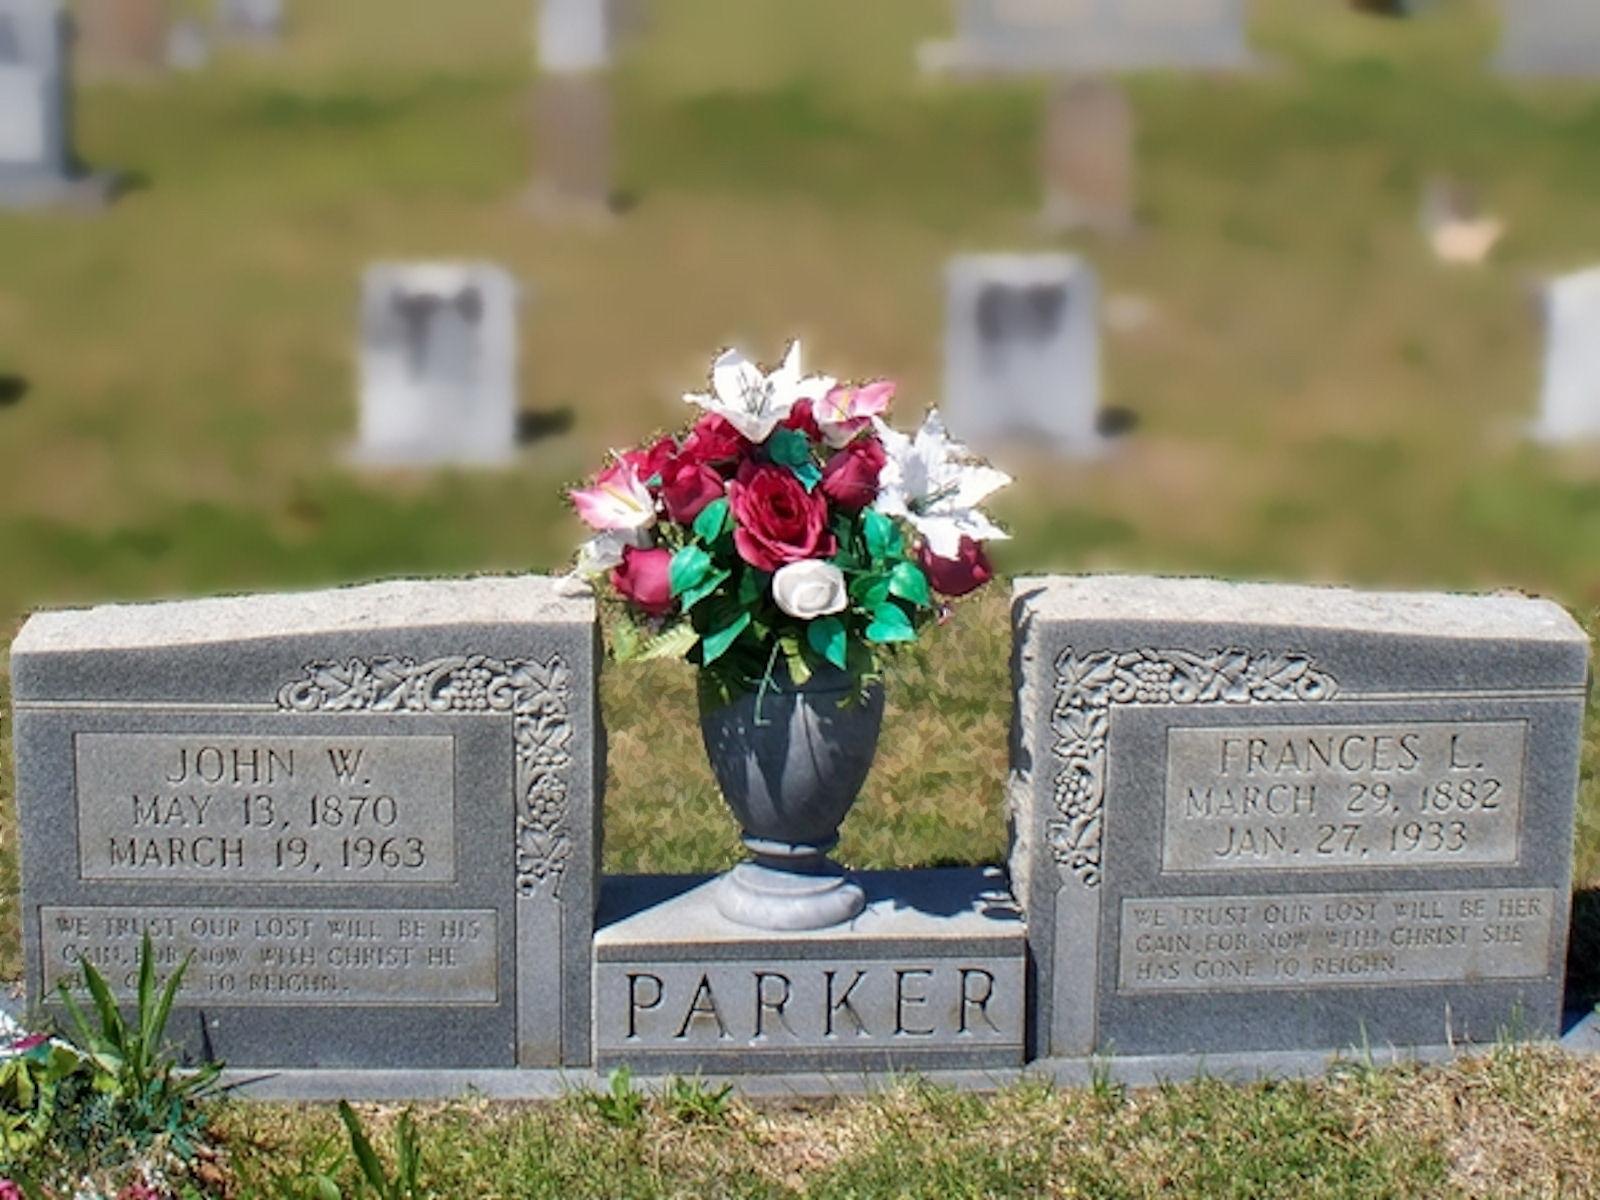 John W. Parker